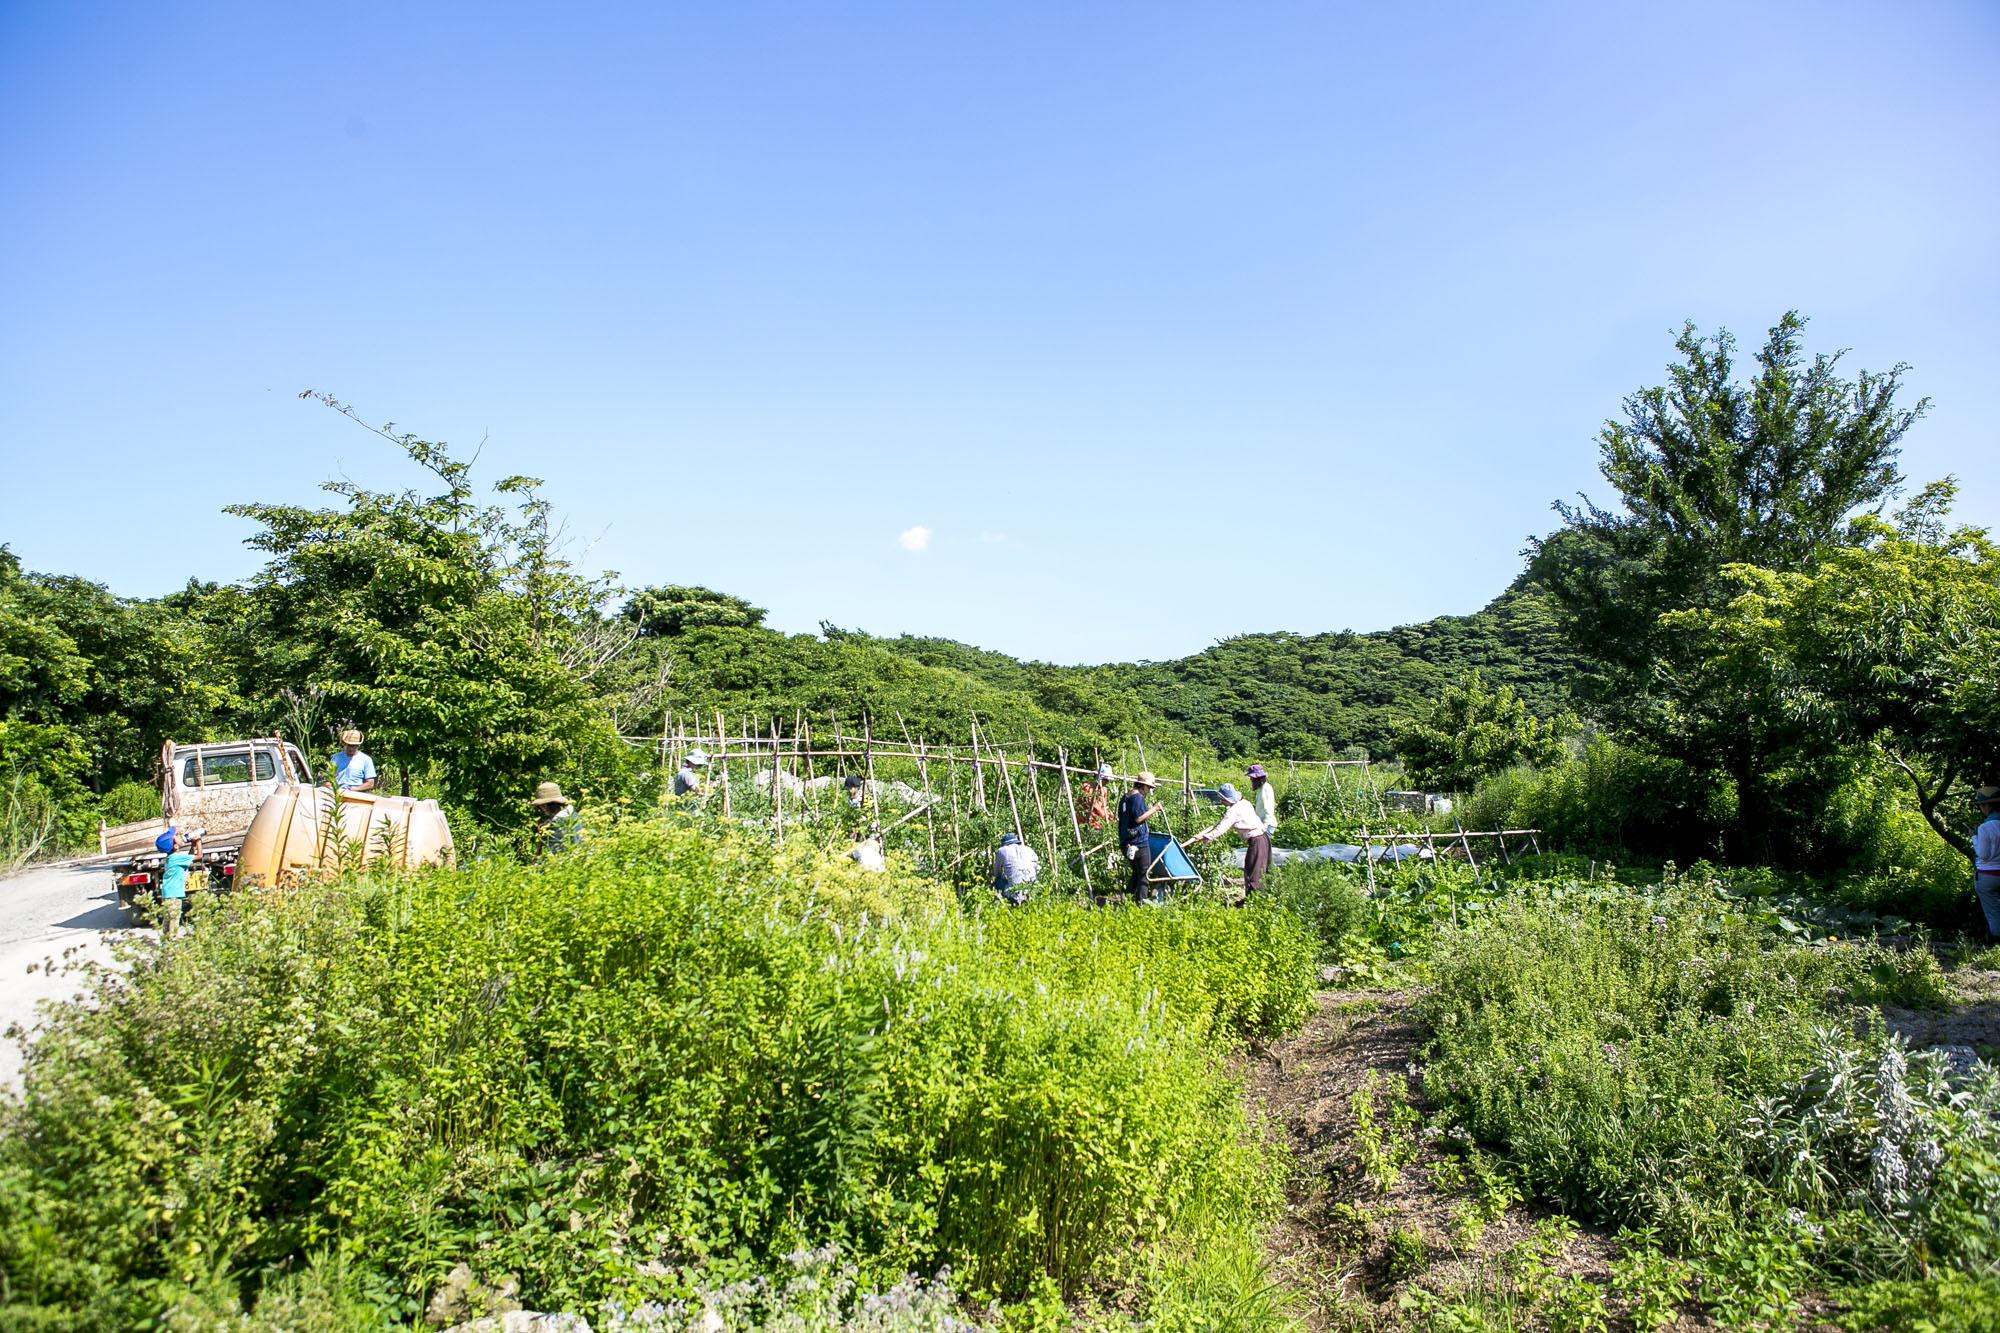 1.FIELD WORKフィールドワーク - ・スクール専用の畑を土作りから開始。農園のスタッフによる栽培のコーチング。・専用の畑作りのほか、農園の畑仕事や設備作りや堆肥作りなども行う。・当日以外にいつでも来て畑の世話が可能。・希望者で集まるワークデイも開催していきます。・横須賀〜葉山をまたぐ「森と畑の学校」と 衣笠にある「古民家のある畑」の2拠点で開催します。